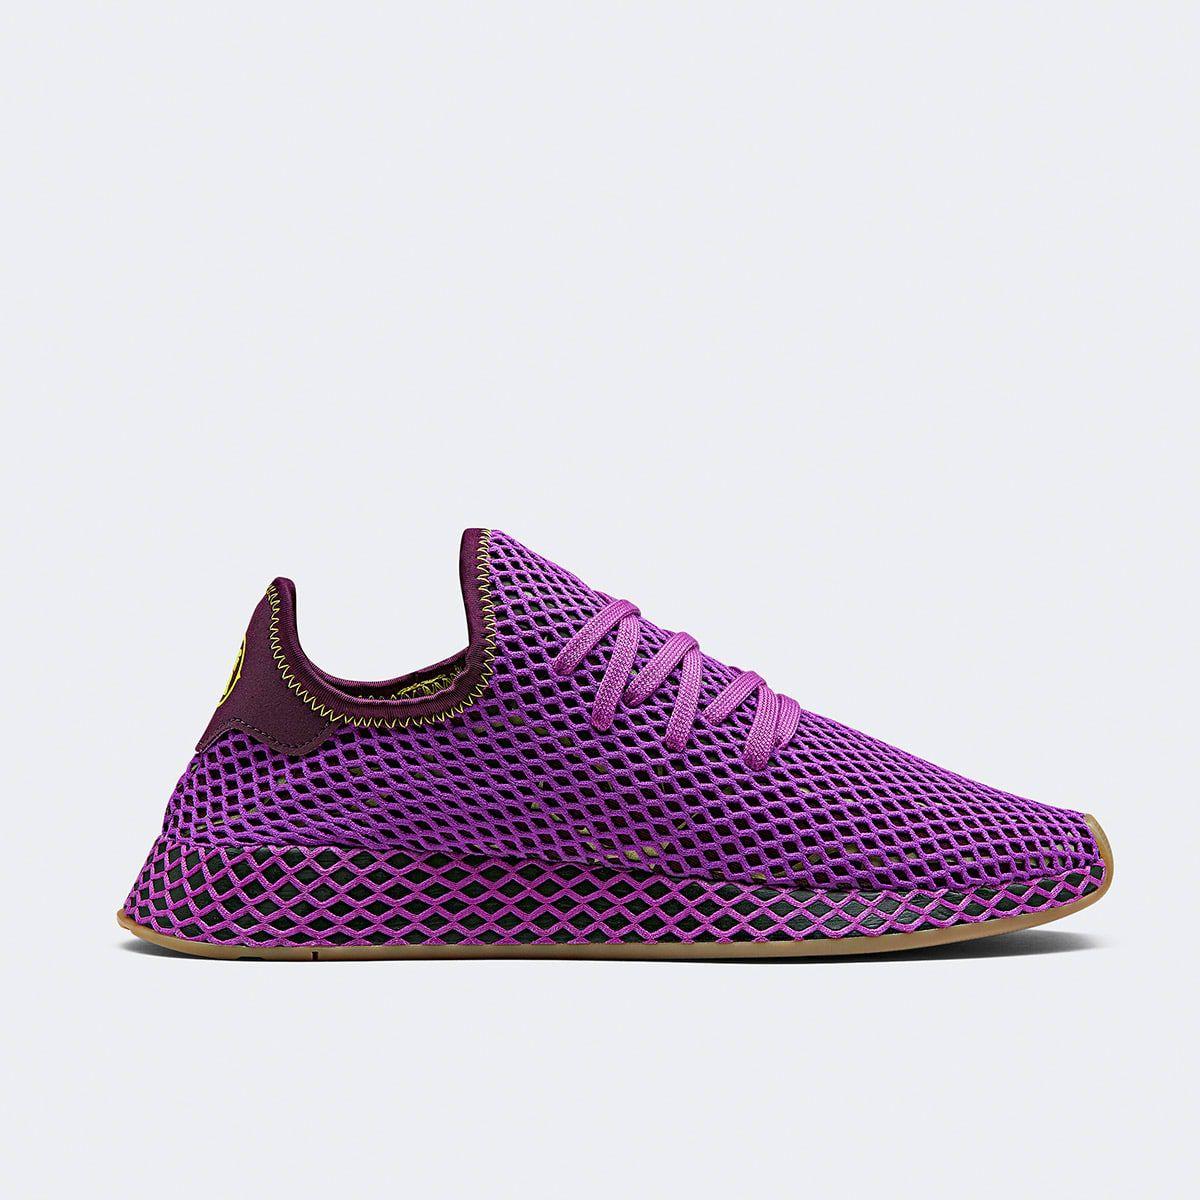 Adidas x Dragon Ball Z Deerupt Runner